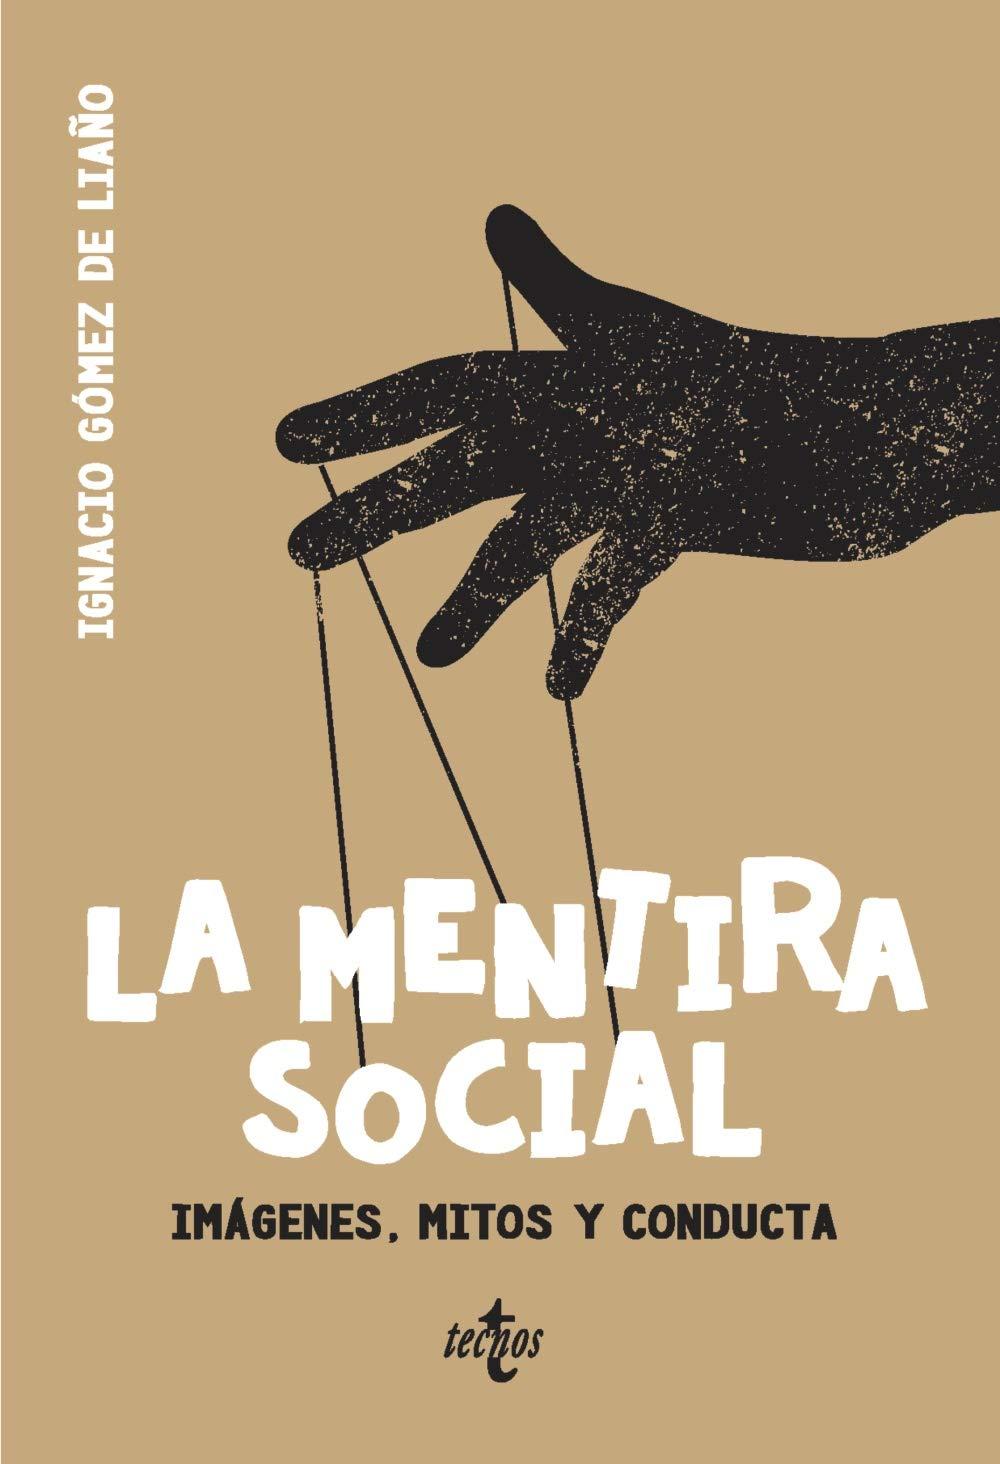 La mentira social: Imágenes, mitos y conducta Filosofía - Filosofía y Ensayo: Amazon.es: Gómez de Liaño, Ignacio: Libros